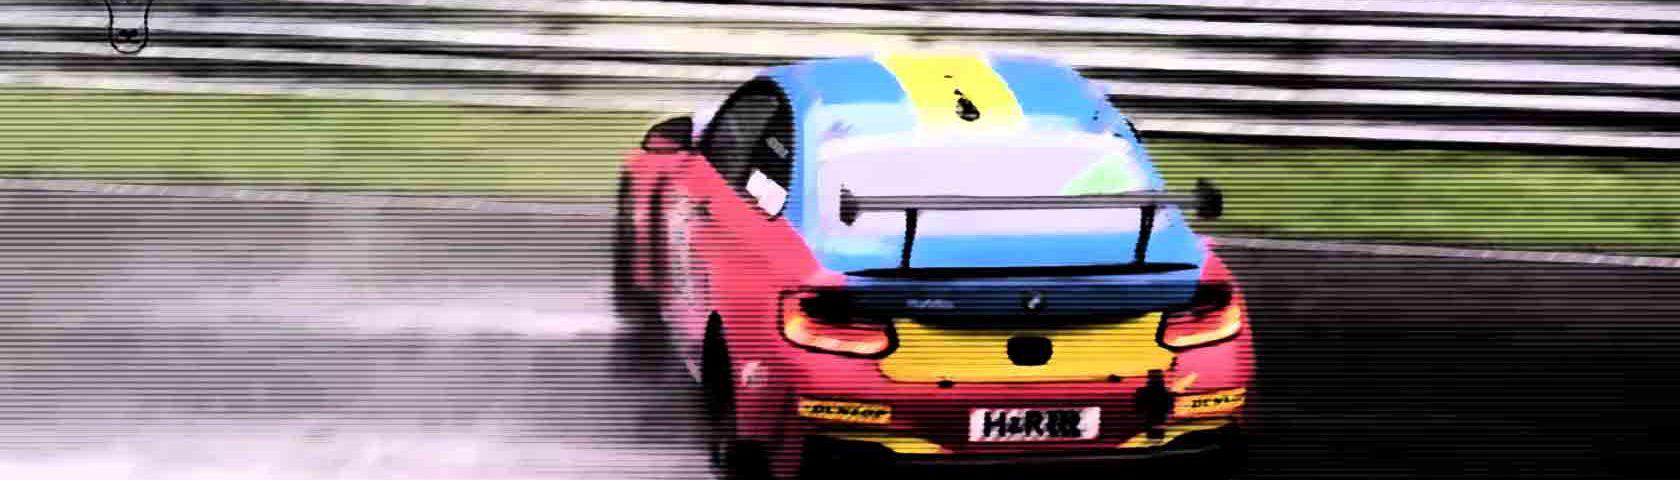 kesselchen_crash_video